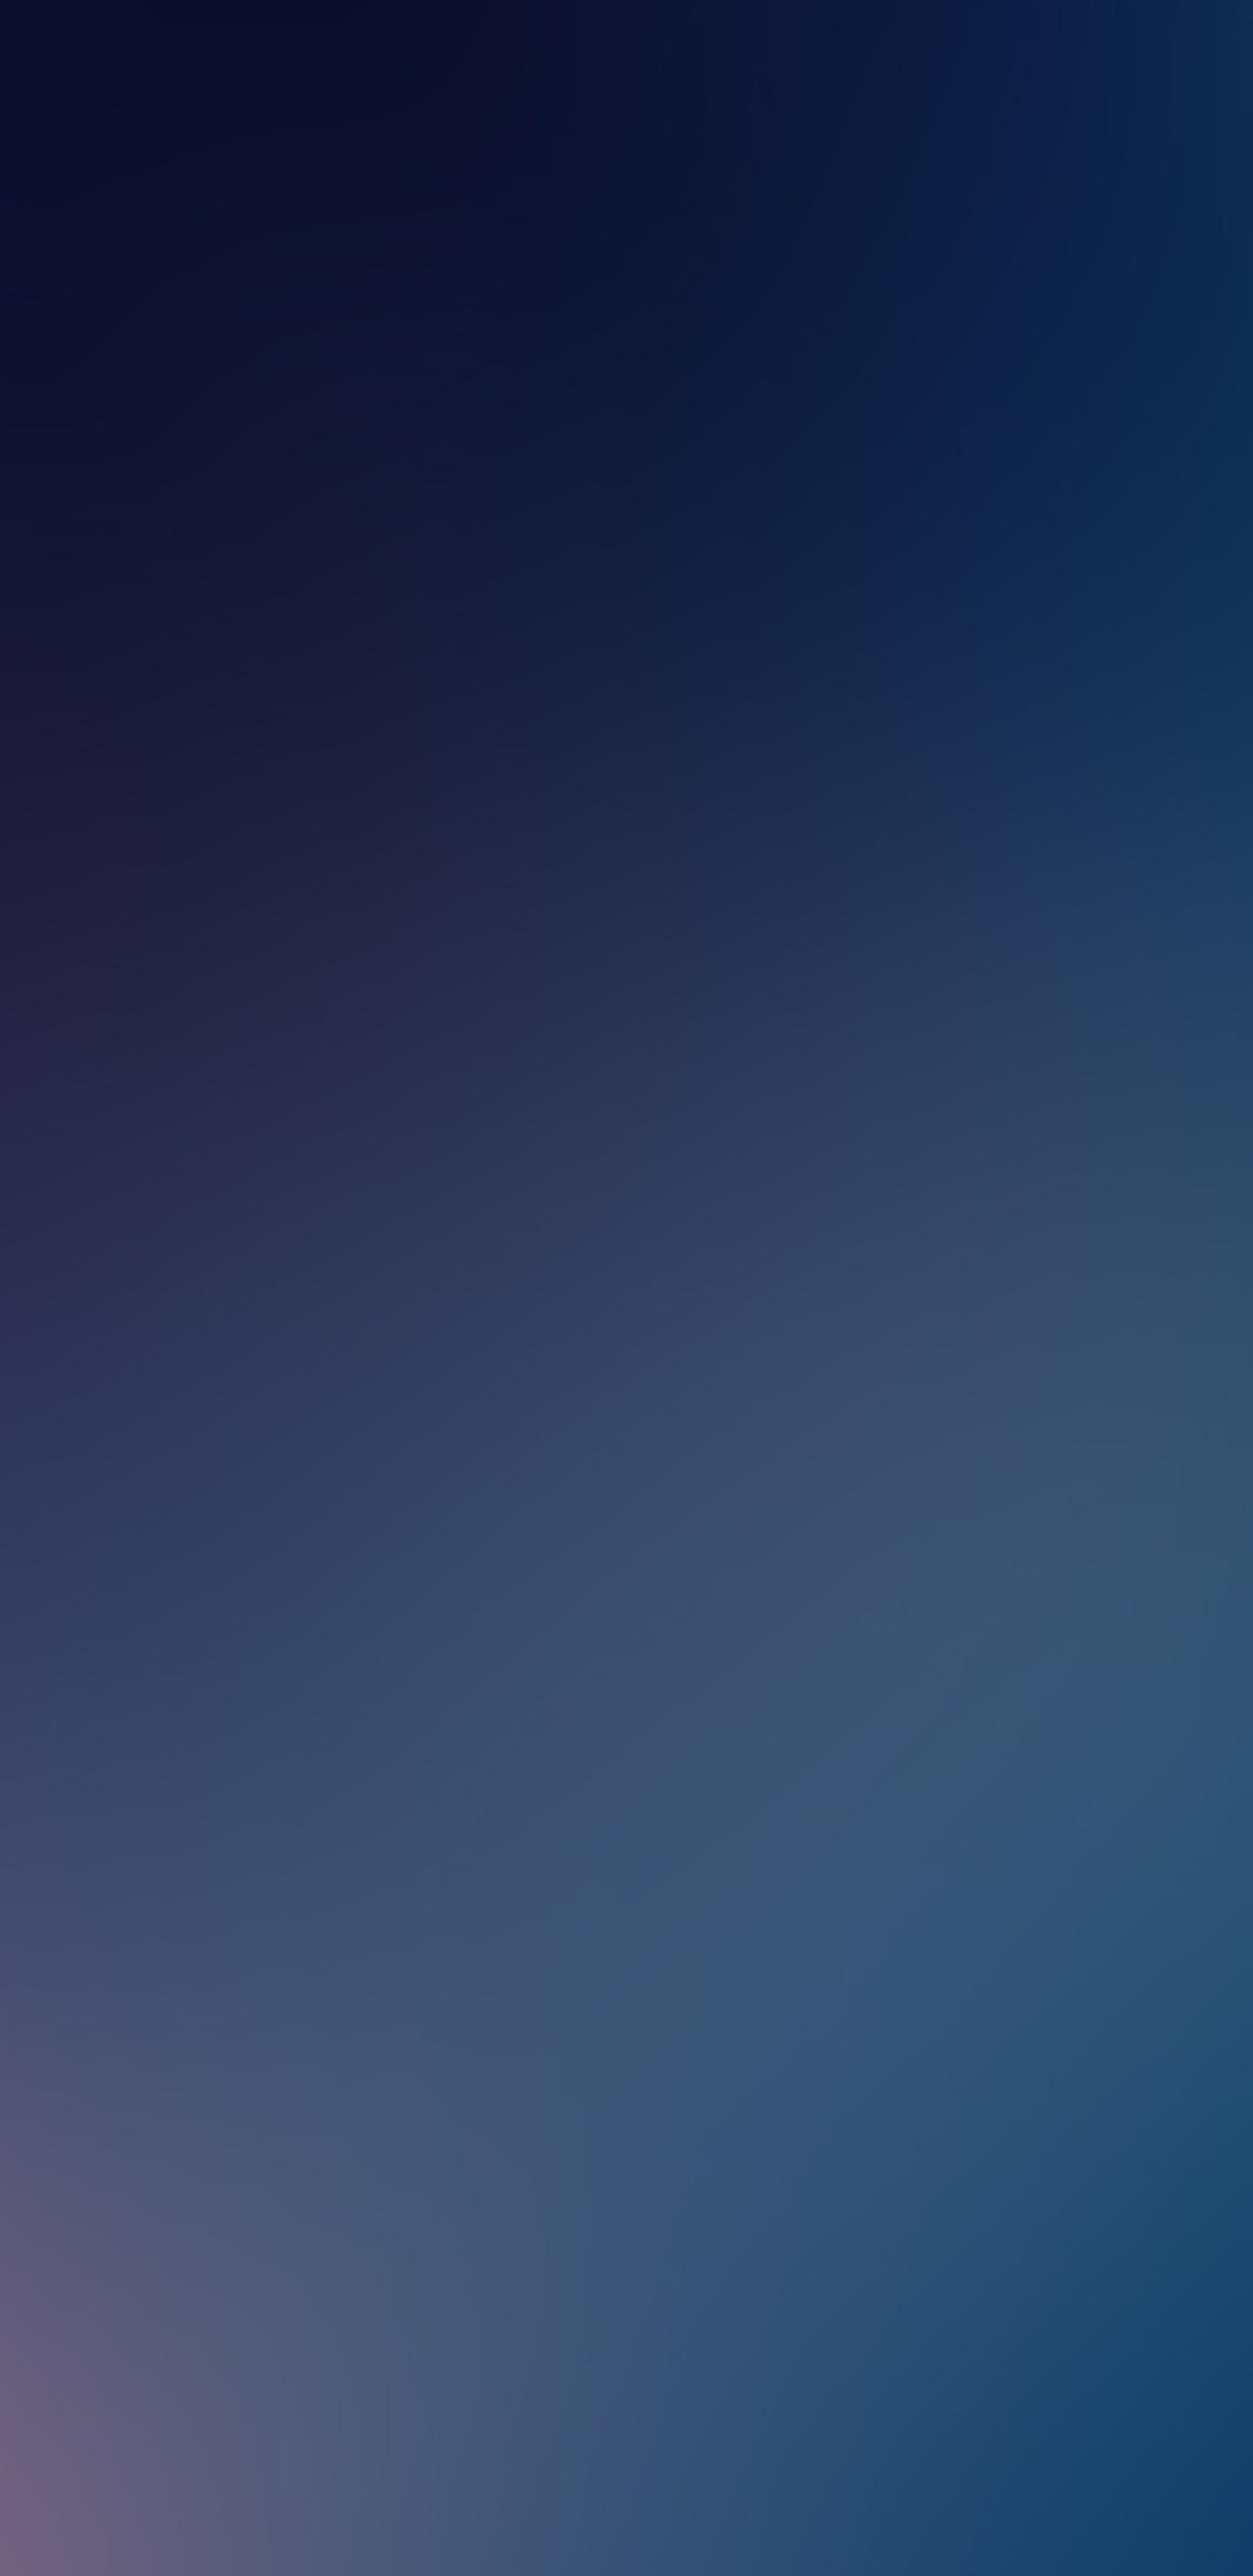 1440x2960 Blur Background Samsung Galaxy Note 9,8, S9,S8,S8+